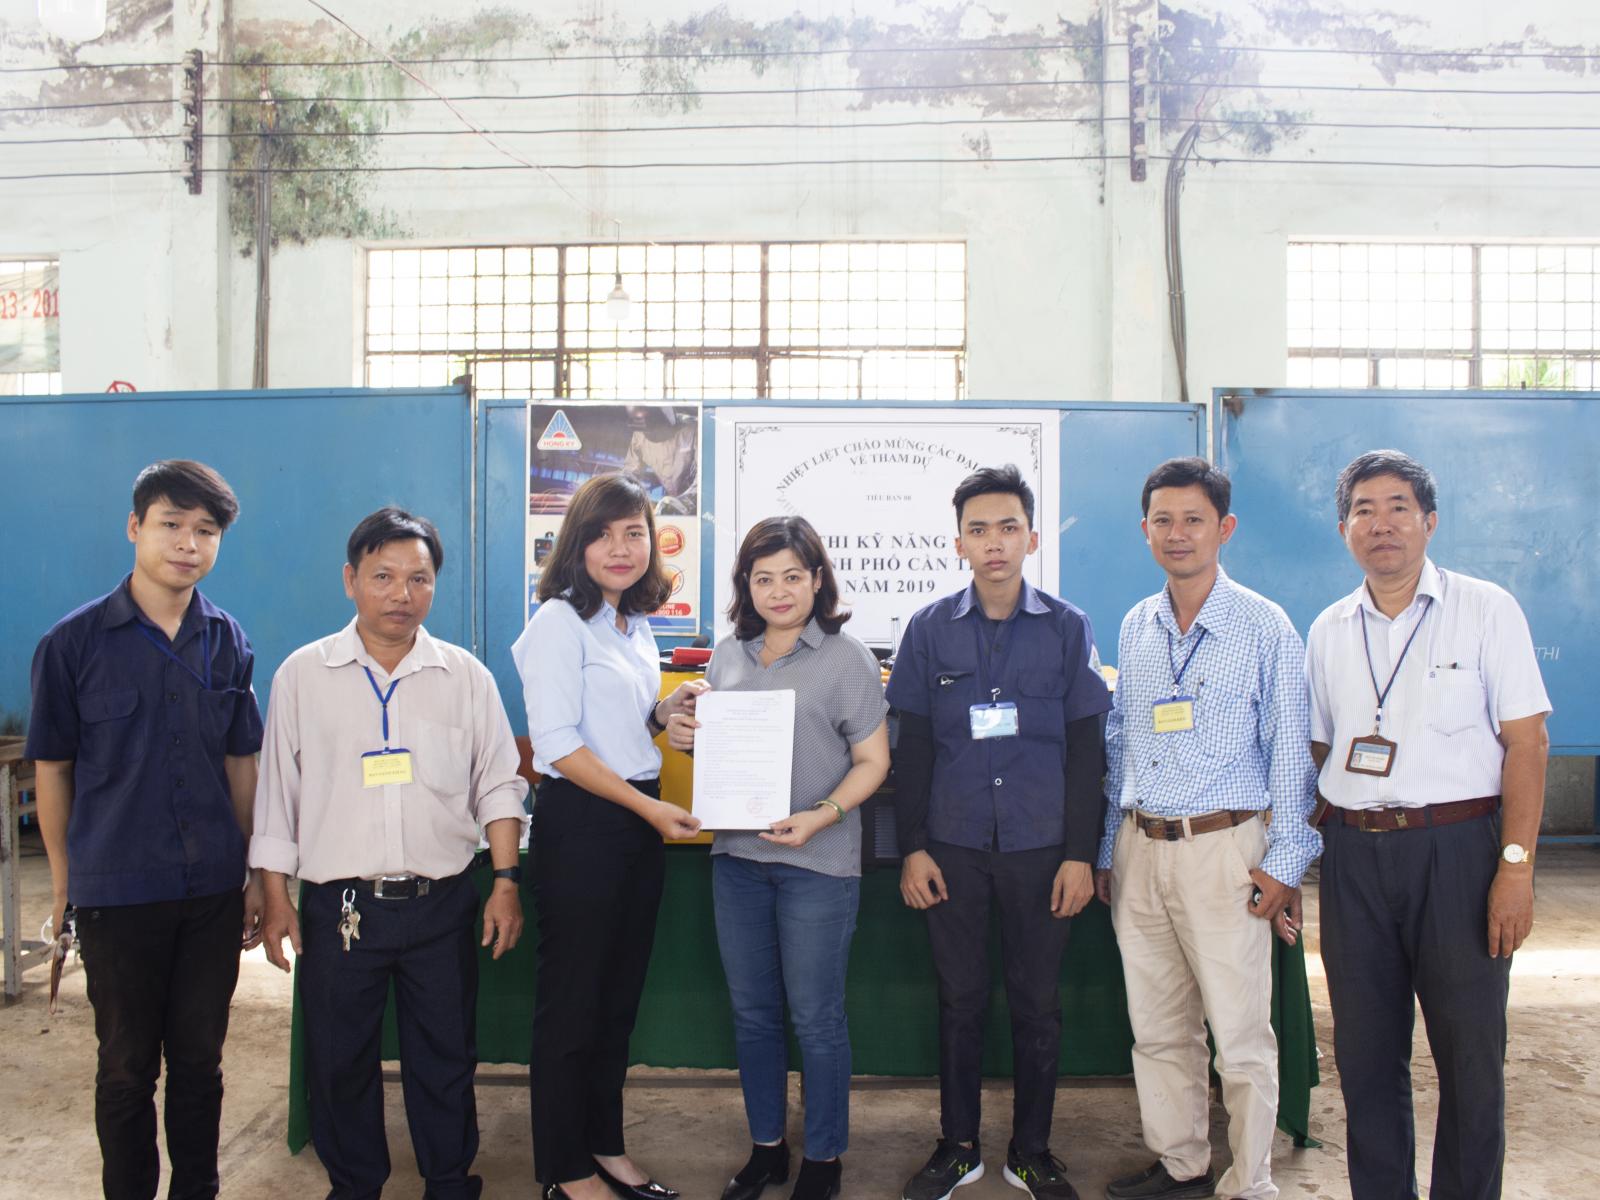 đại diện Công ty Hồng Ký đã đến thăm và trao tặng 3 máy hàn MIG 200I cho thầy trò trường Cao đẳng nghề Cần Thơ